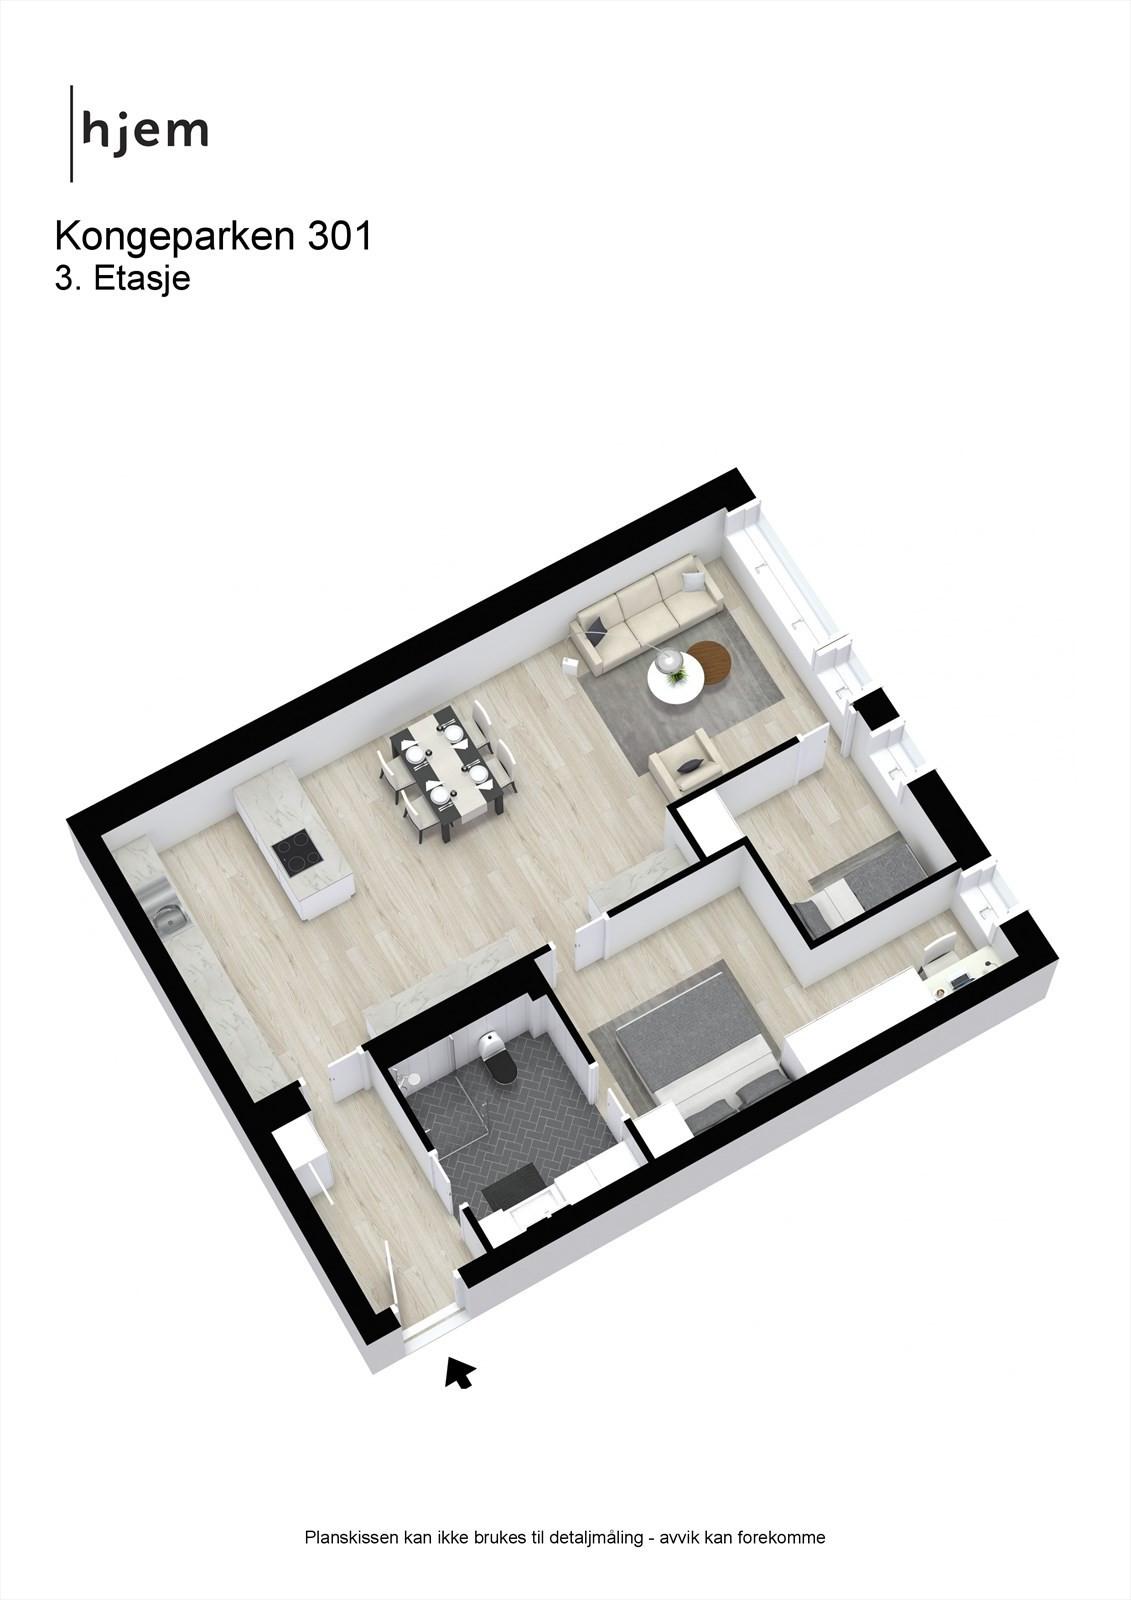 Kongeparken 301 - 3D - 3. Etasje